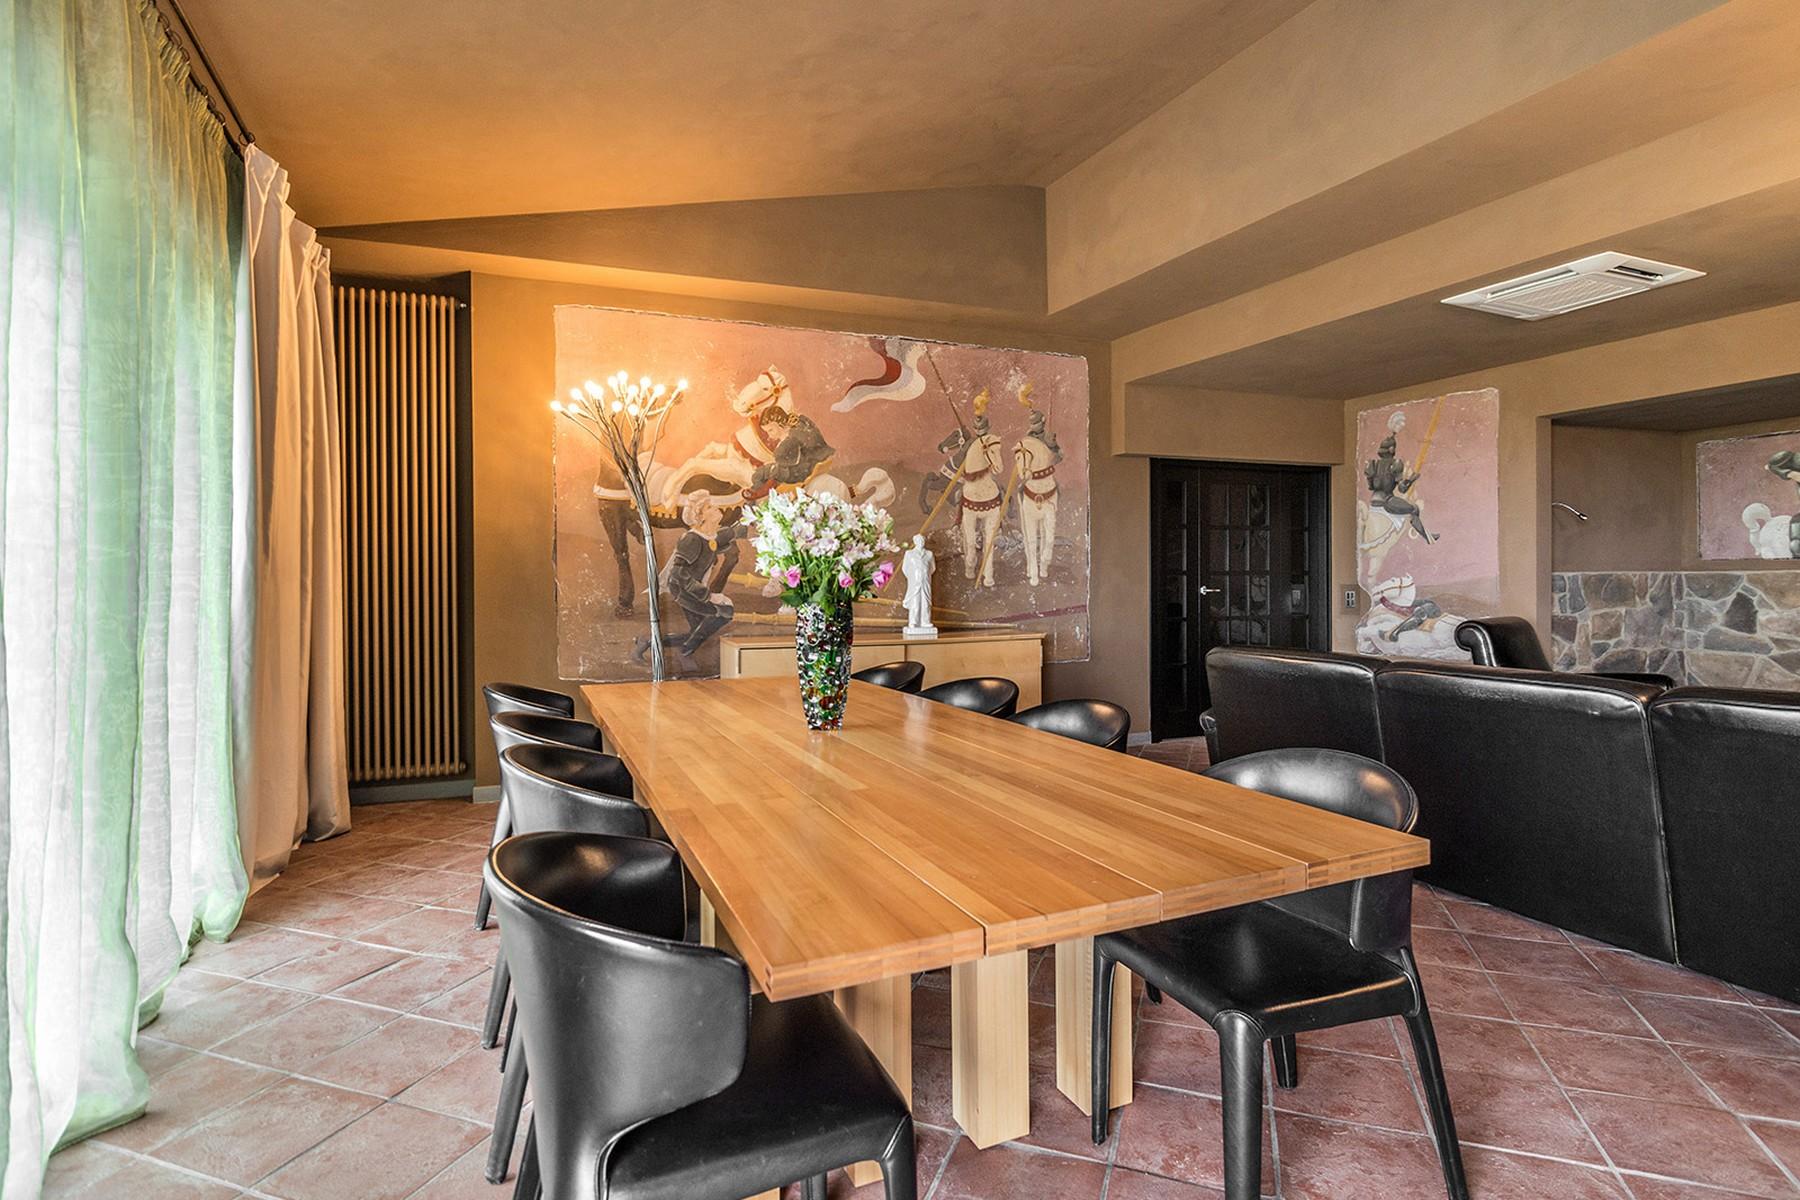 Additional photo for property listing at Inspiring Tuscan Estate with vineyards Località Poggio al Santino Castiglione Della Pescaia, Grosseto 58043 Italien